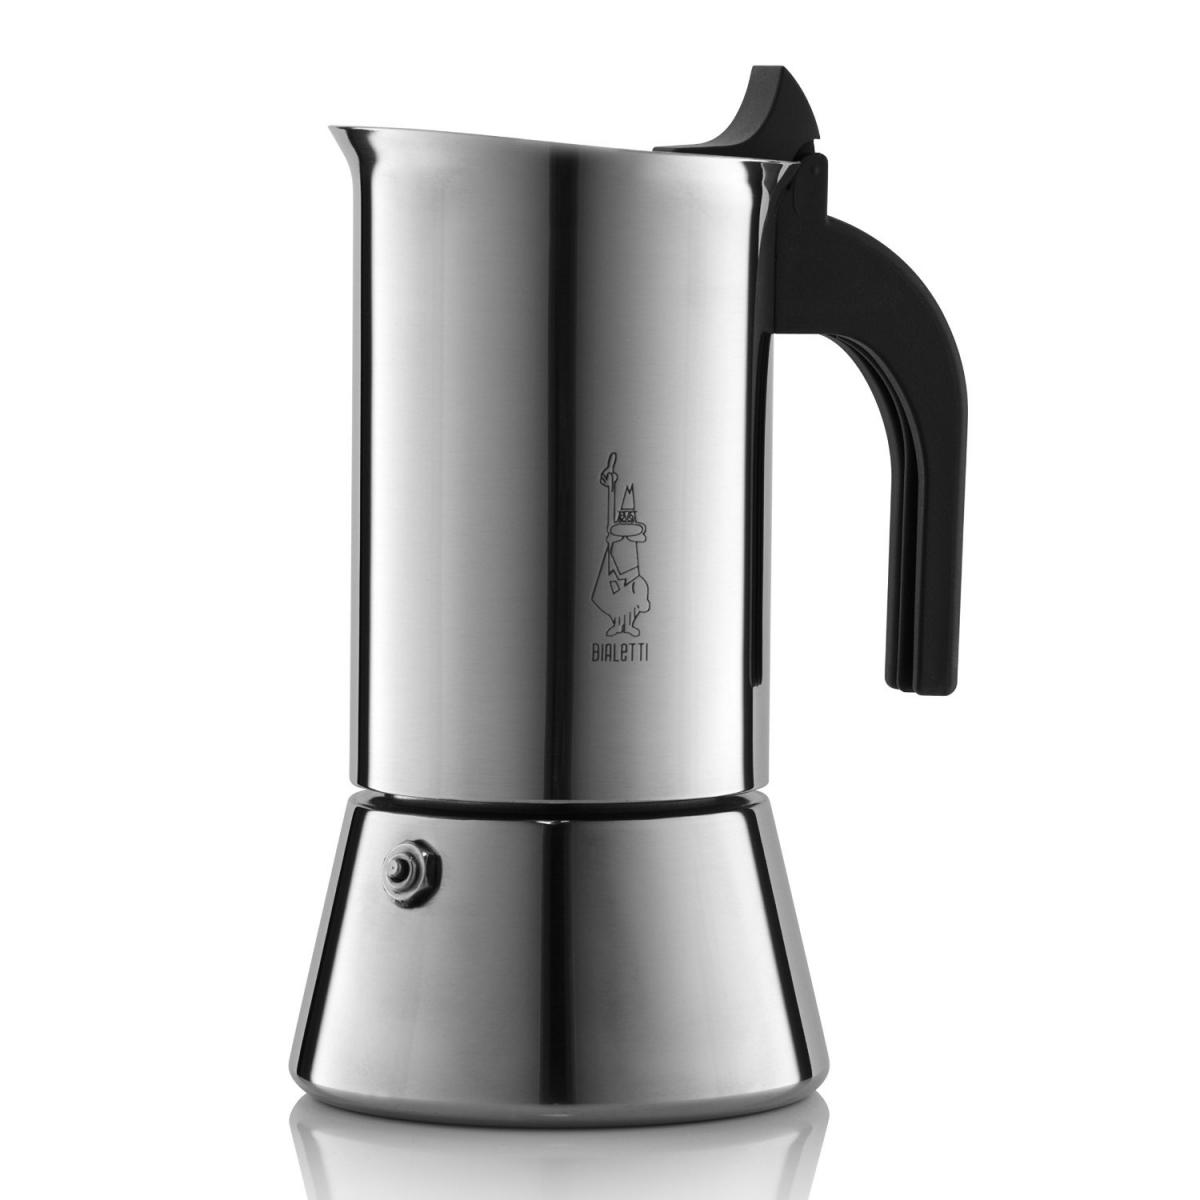 Bialetti kávovar Venus, 4 šálky